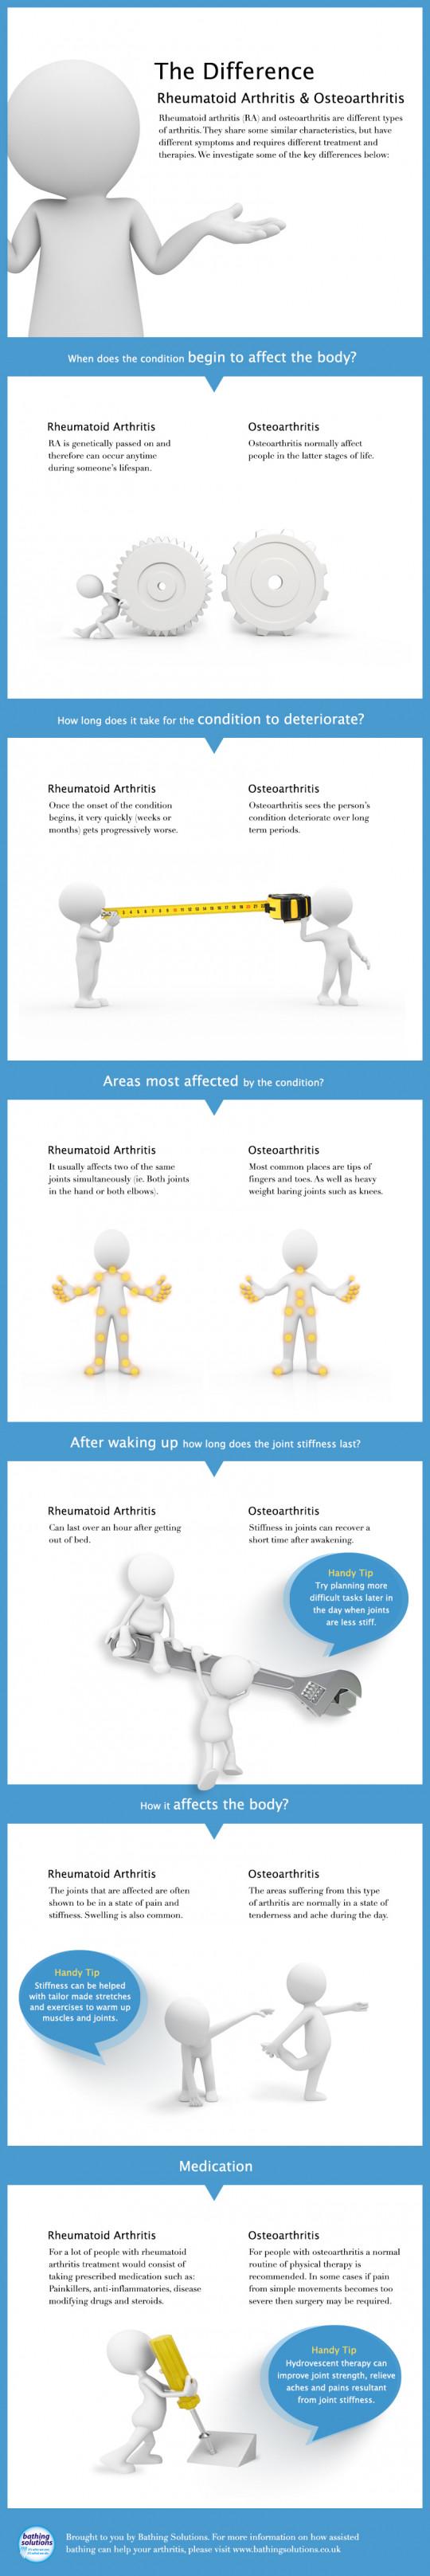 Difference between Rheumatoid-Arthritis and Osteoarthritis